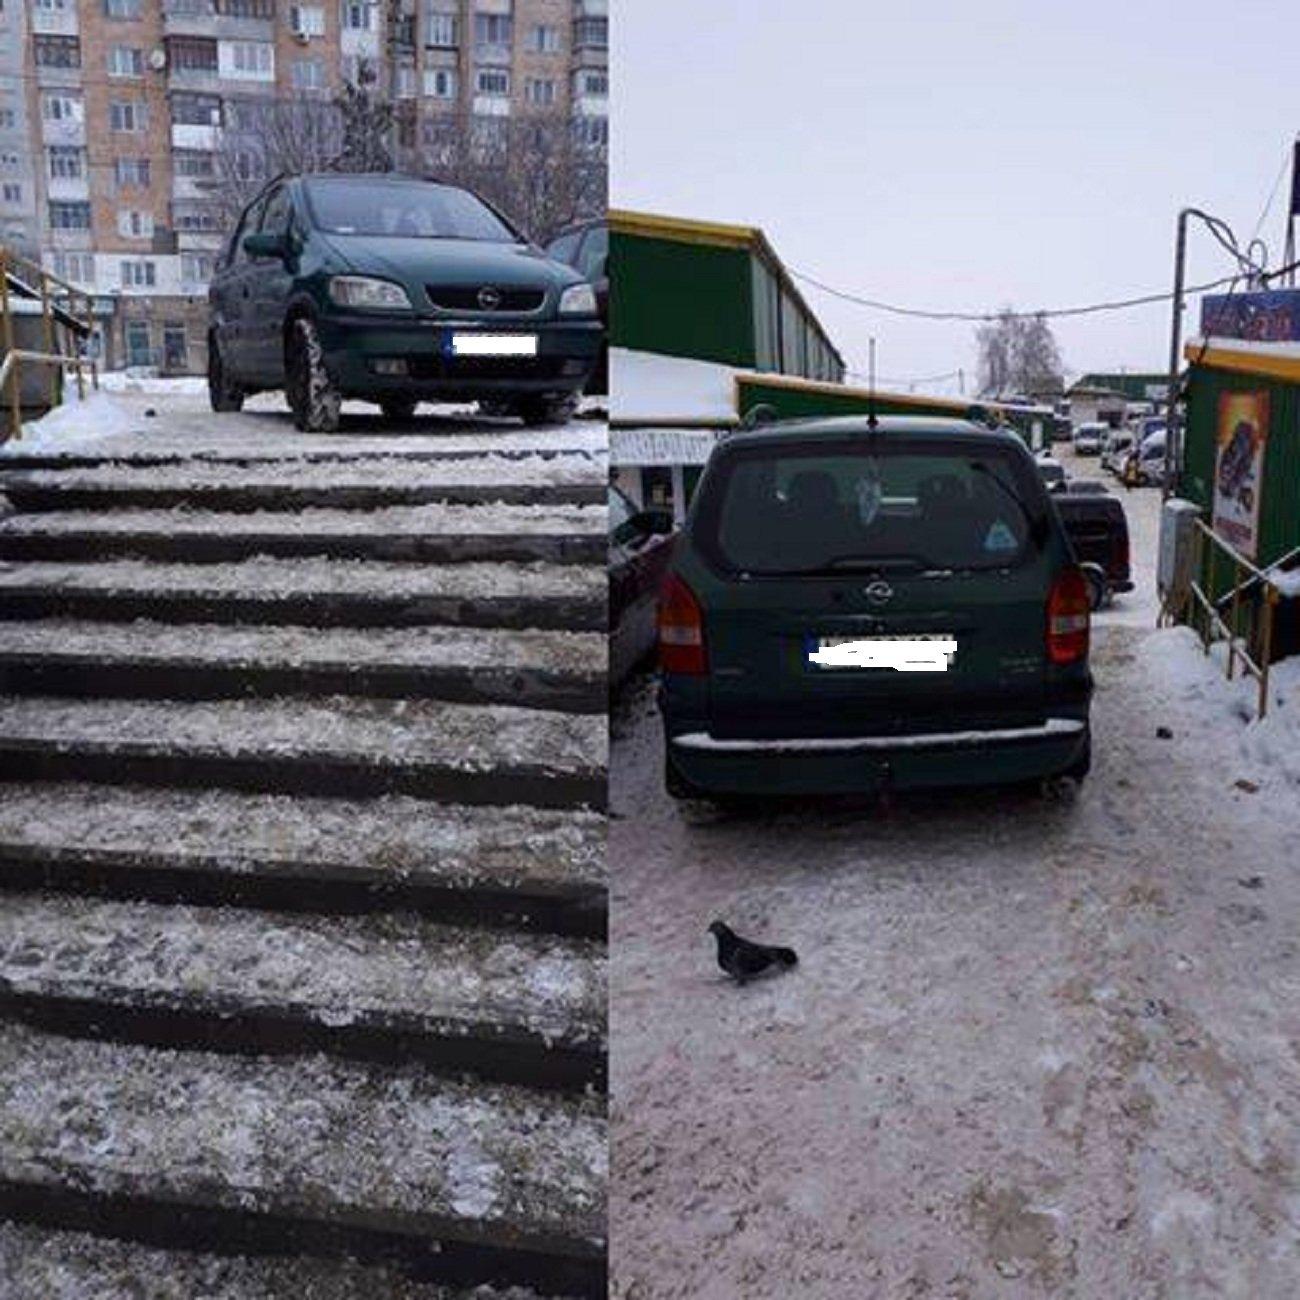 Автохам: підбірка фото хмельничан, що не вміють паркуватись, фото-3